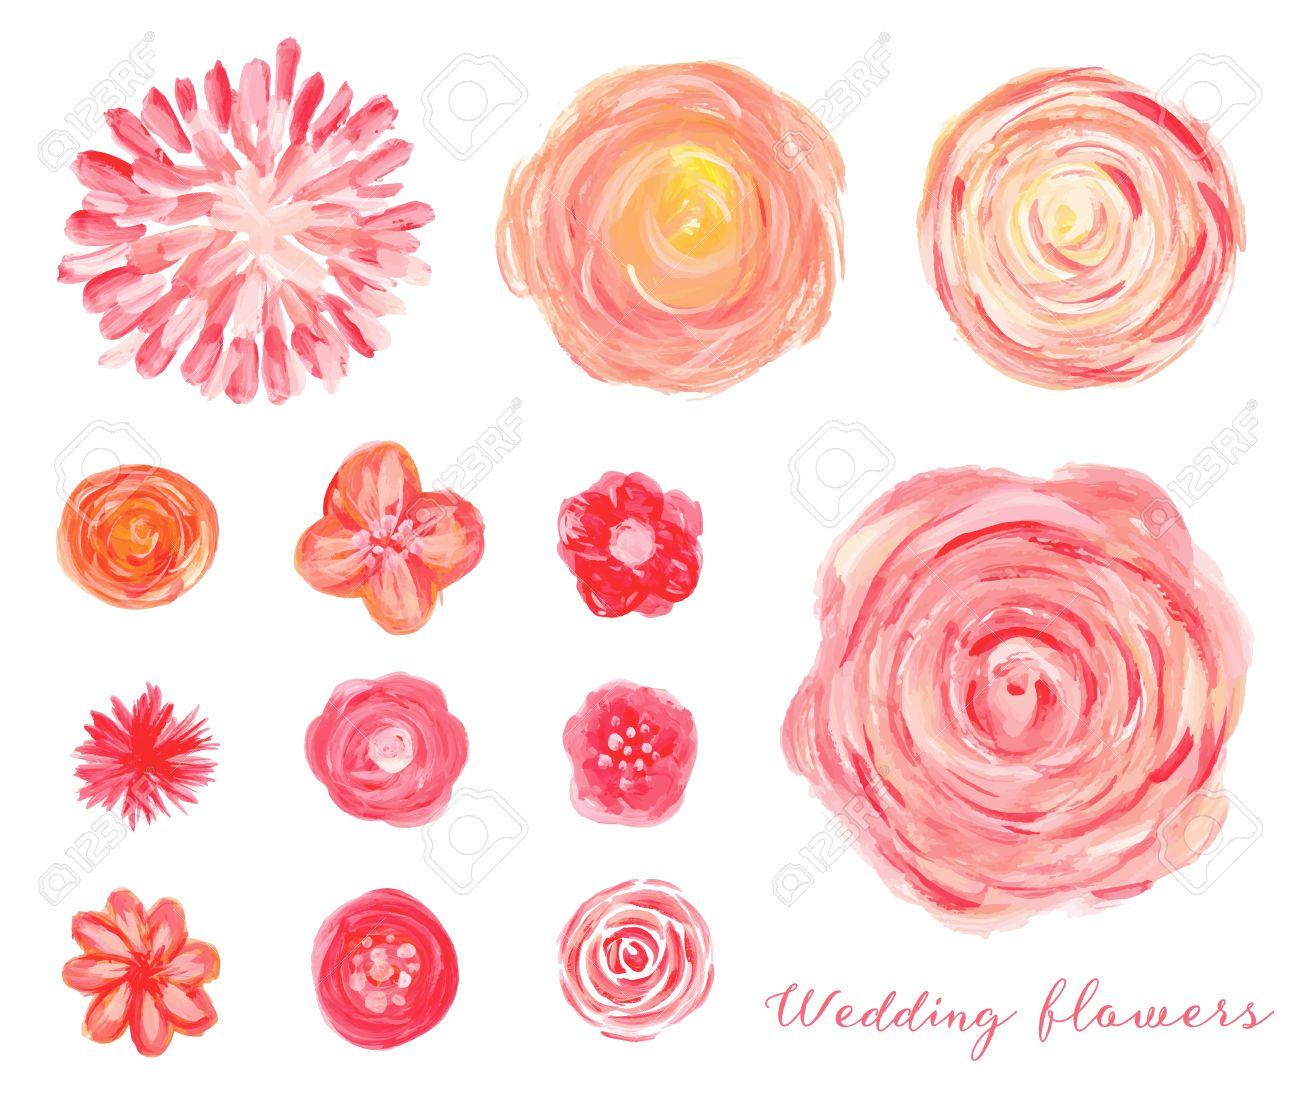 Hand Gezeichnet Hochzeit Blumen Isoliert Rosen Pfingstrosen